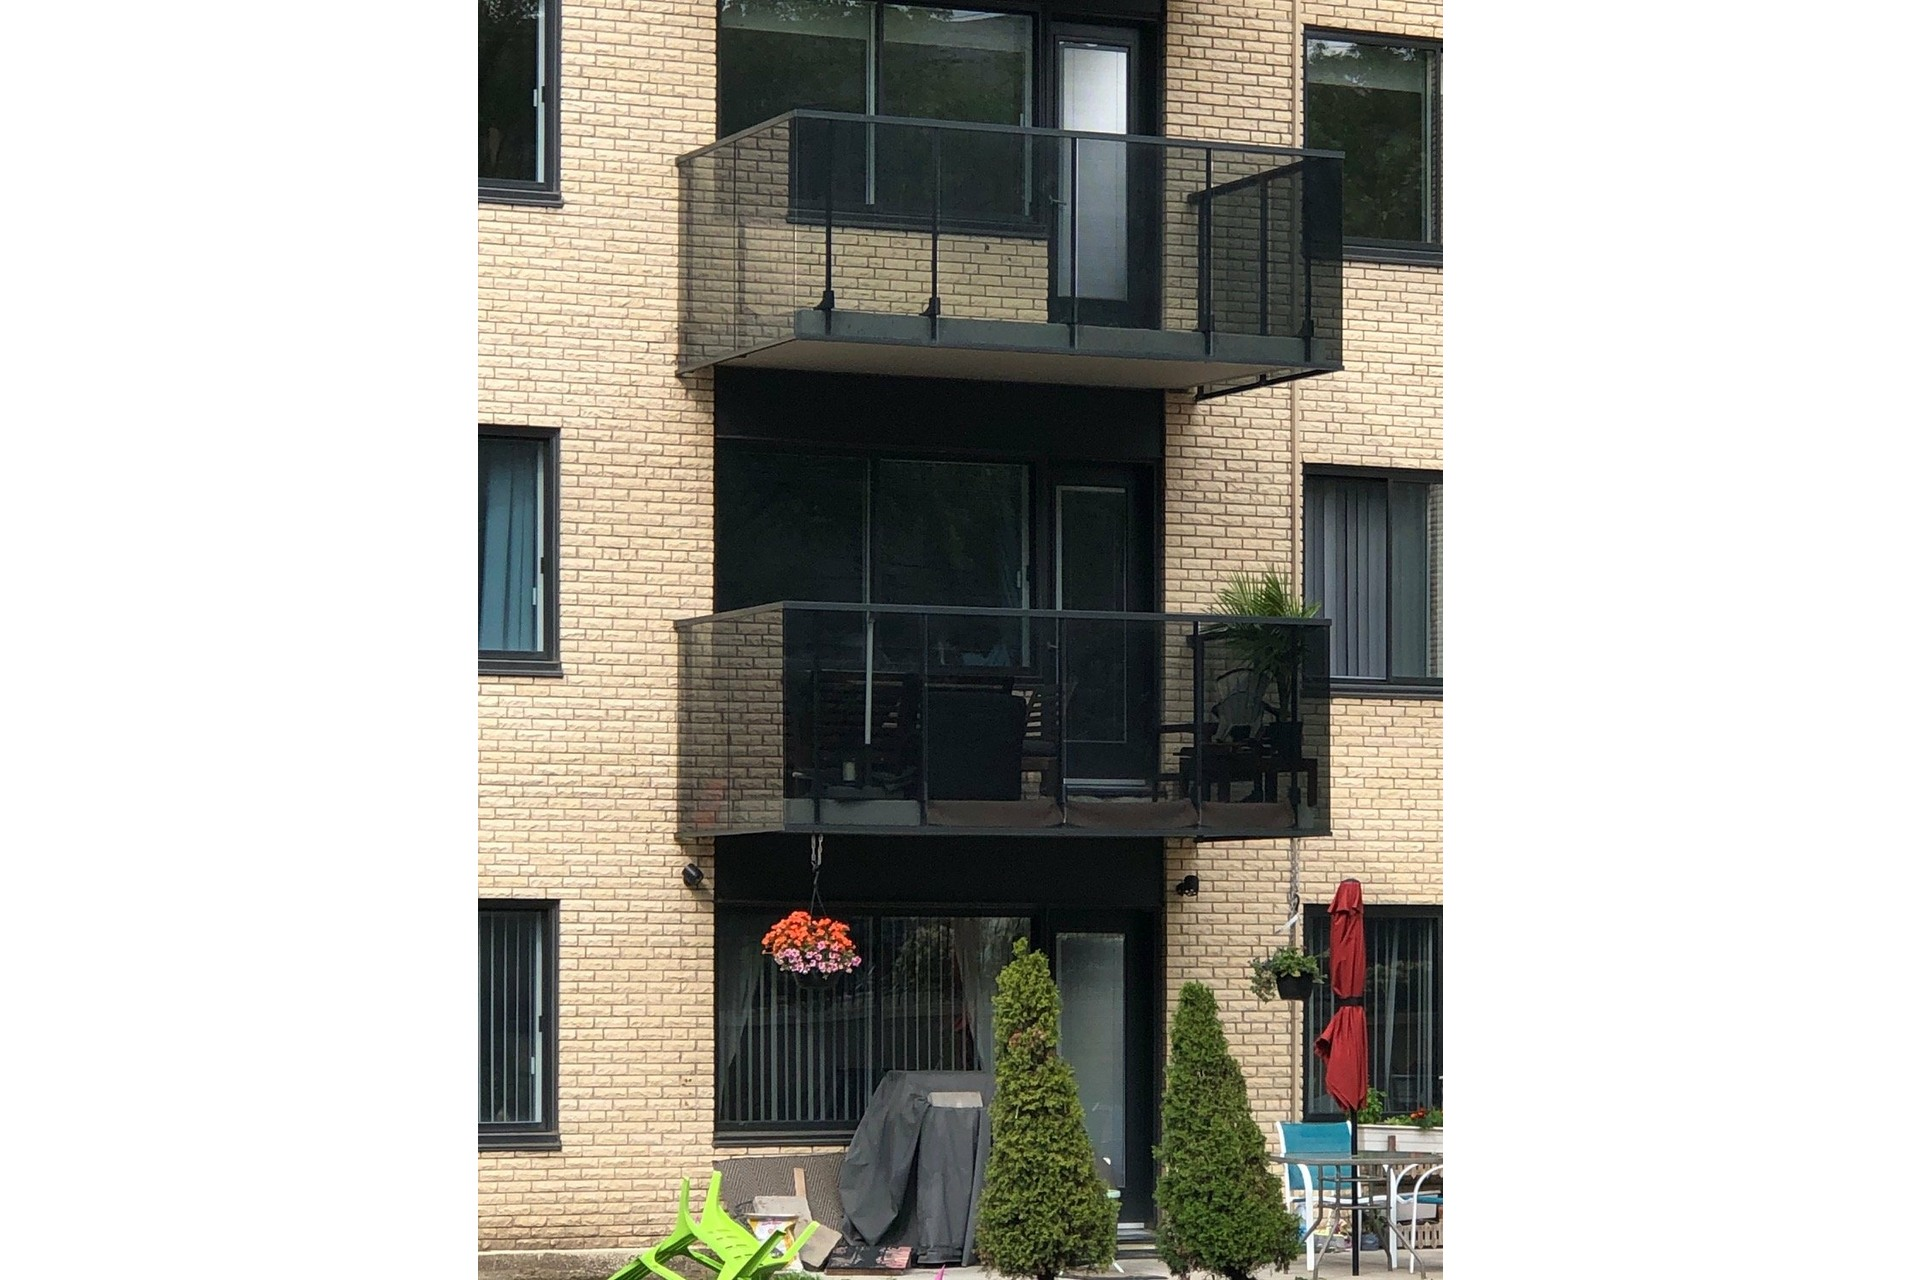 image 13 - Appartement À louer Côte-des-Neiges/Notre-Dame-de-Grâce Montréal  - 5 pièces